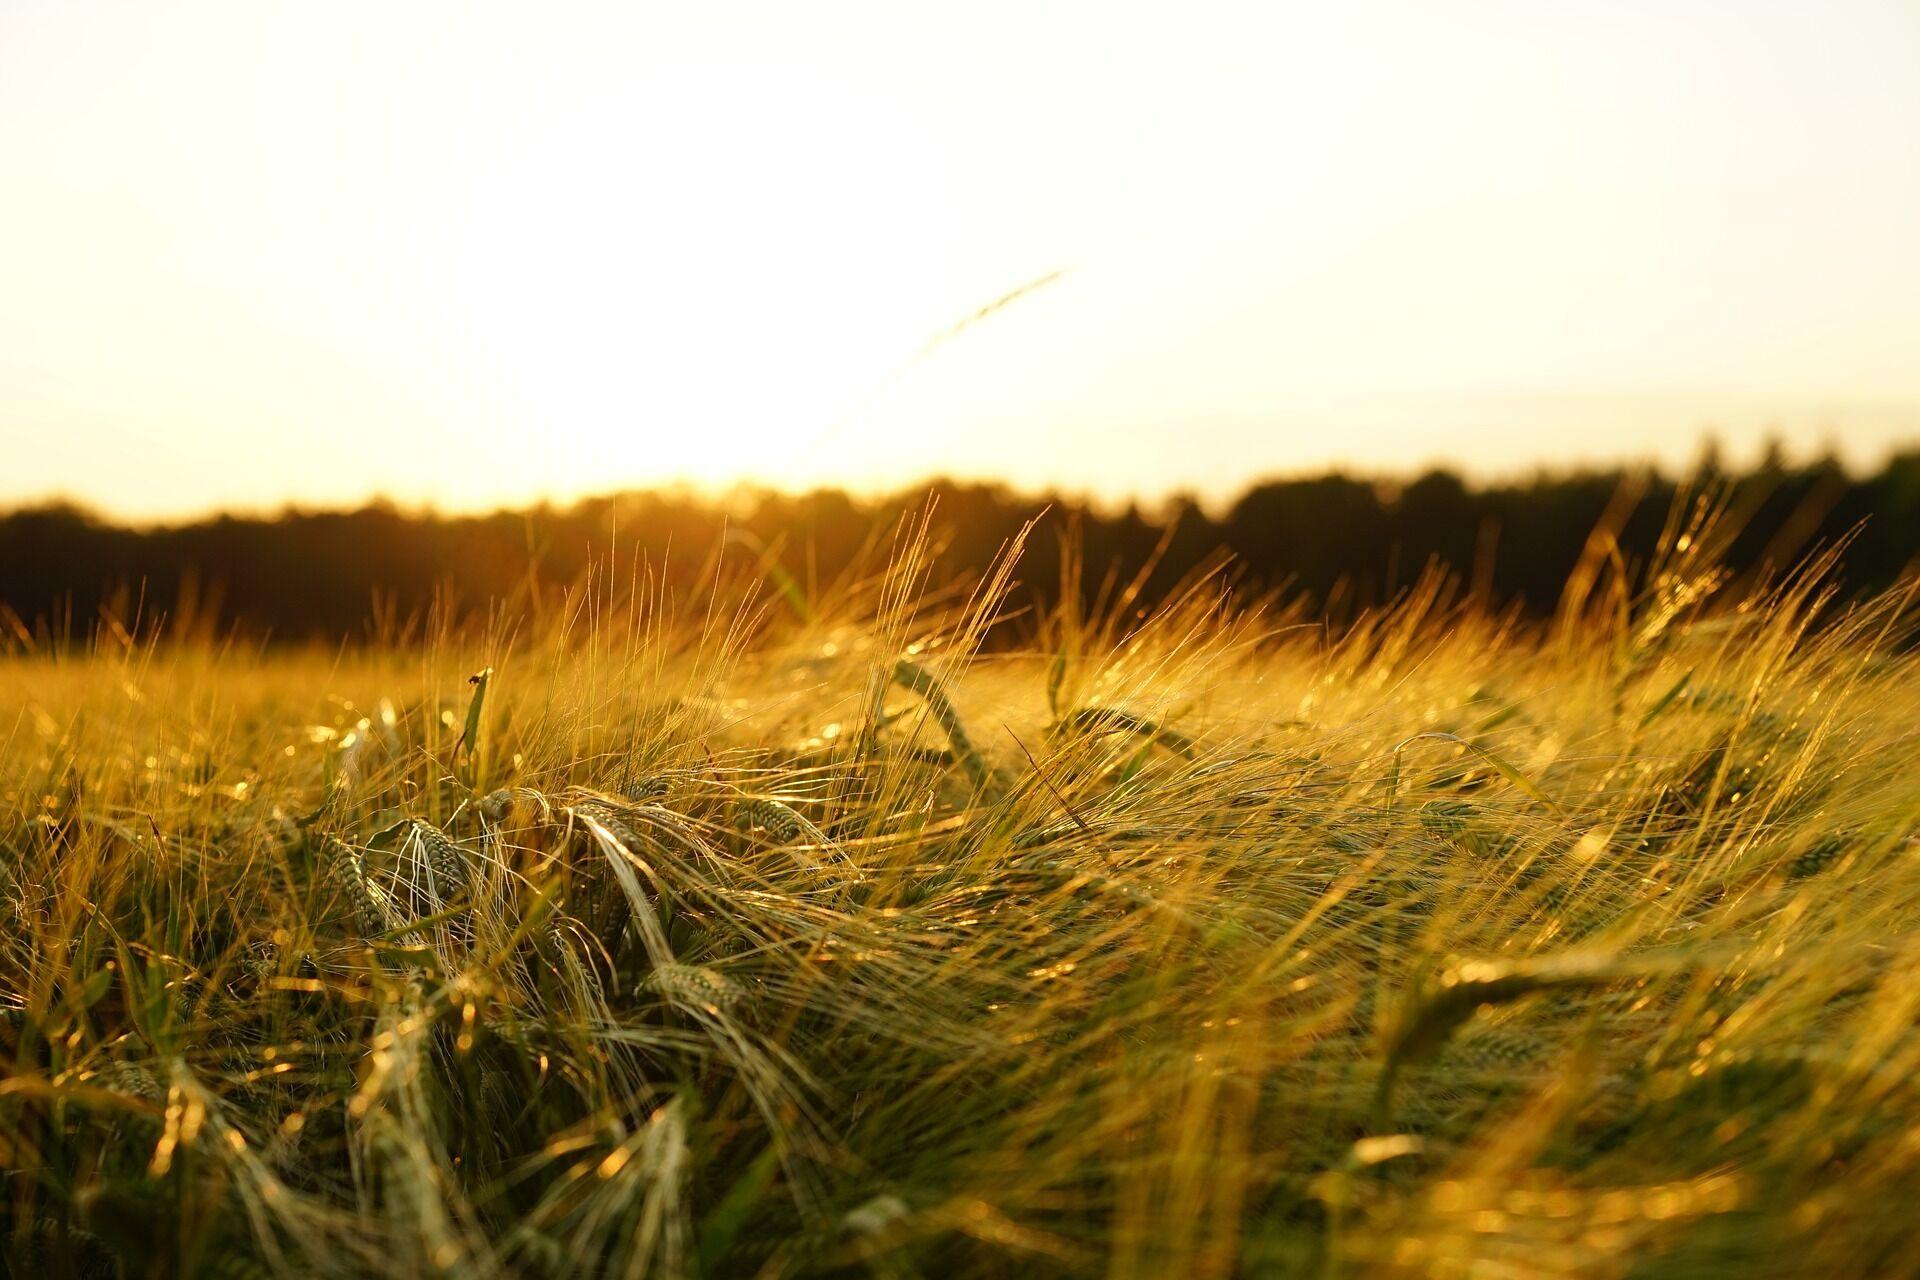 29 травня в народі назвали днем Федора Житника, тому що цей день вважався вкрай сприятливим для посіву жита